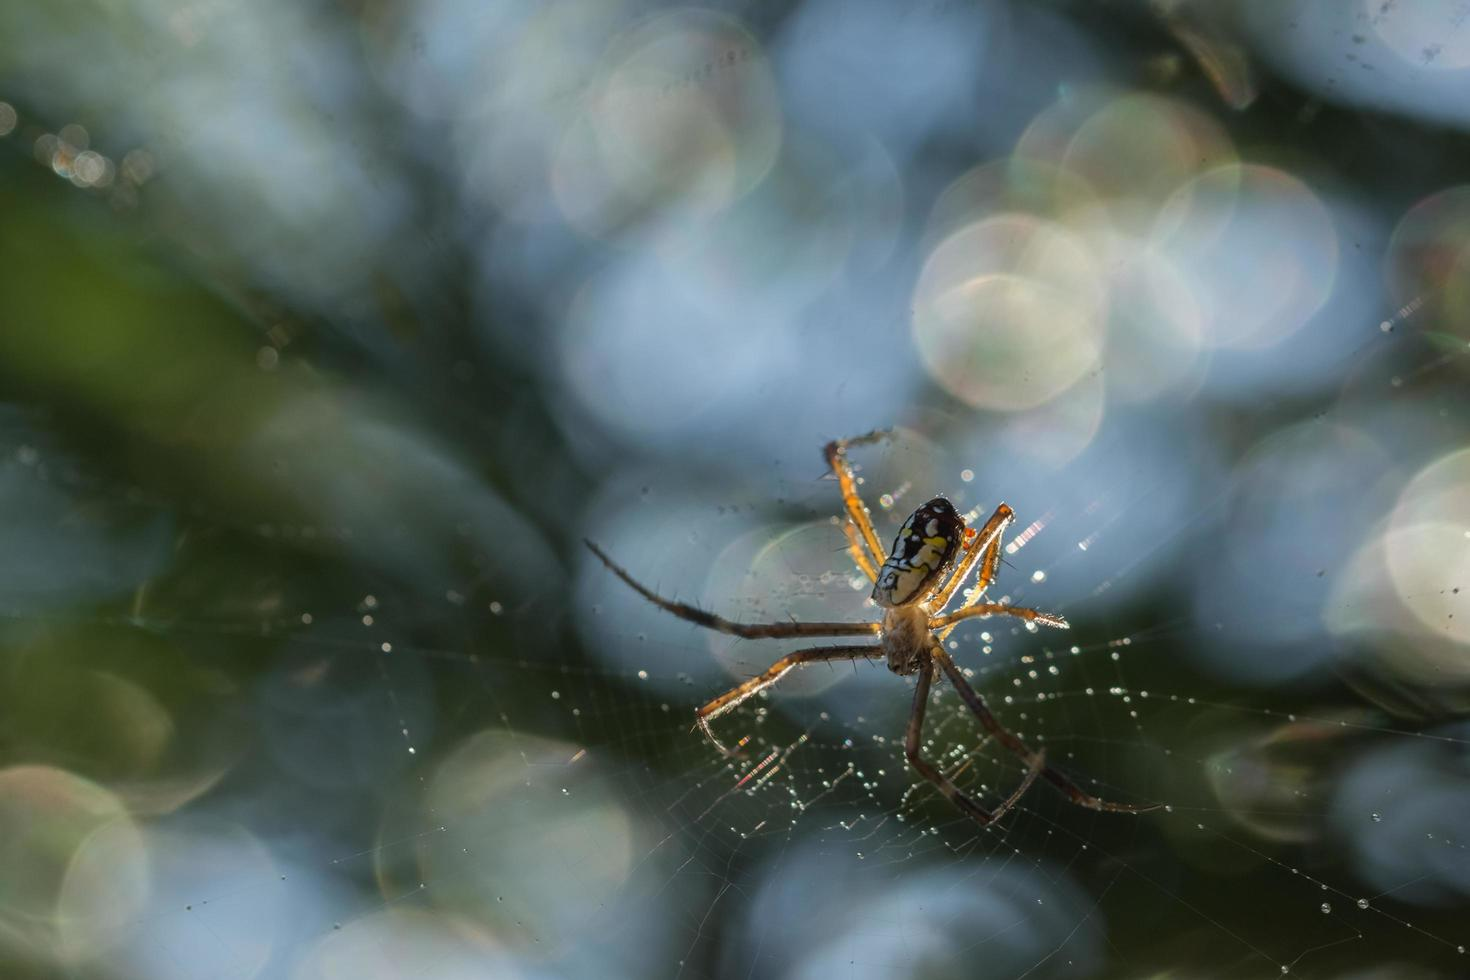 araignée dans la toile d'araignée photo